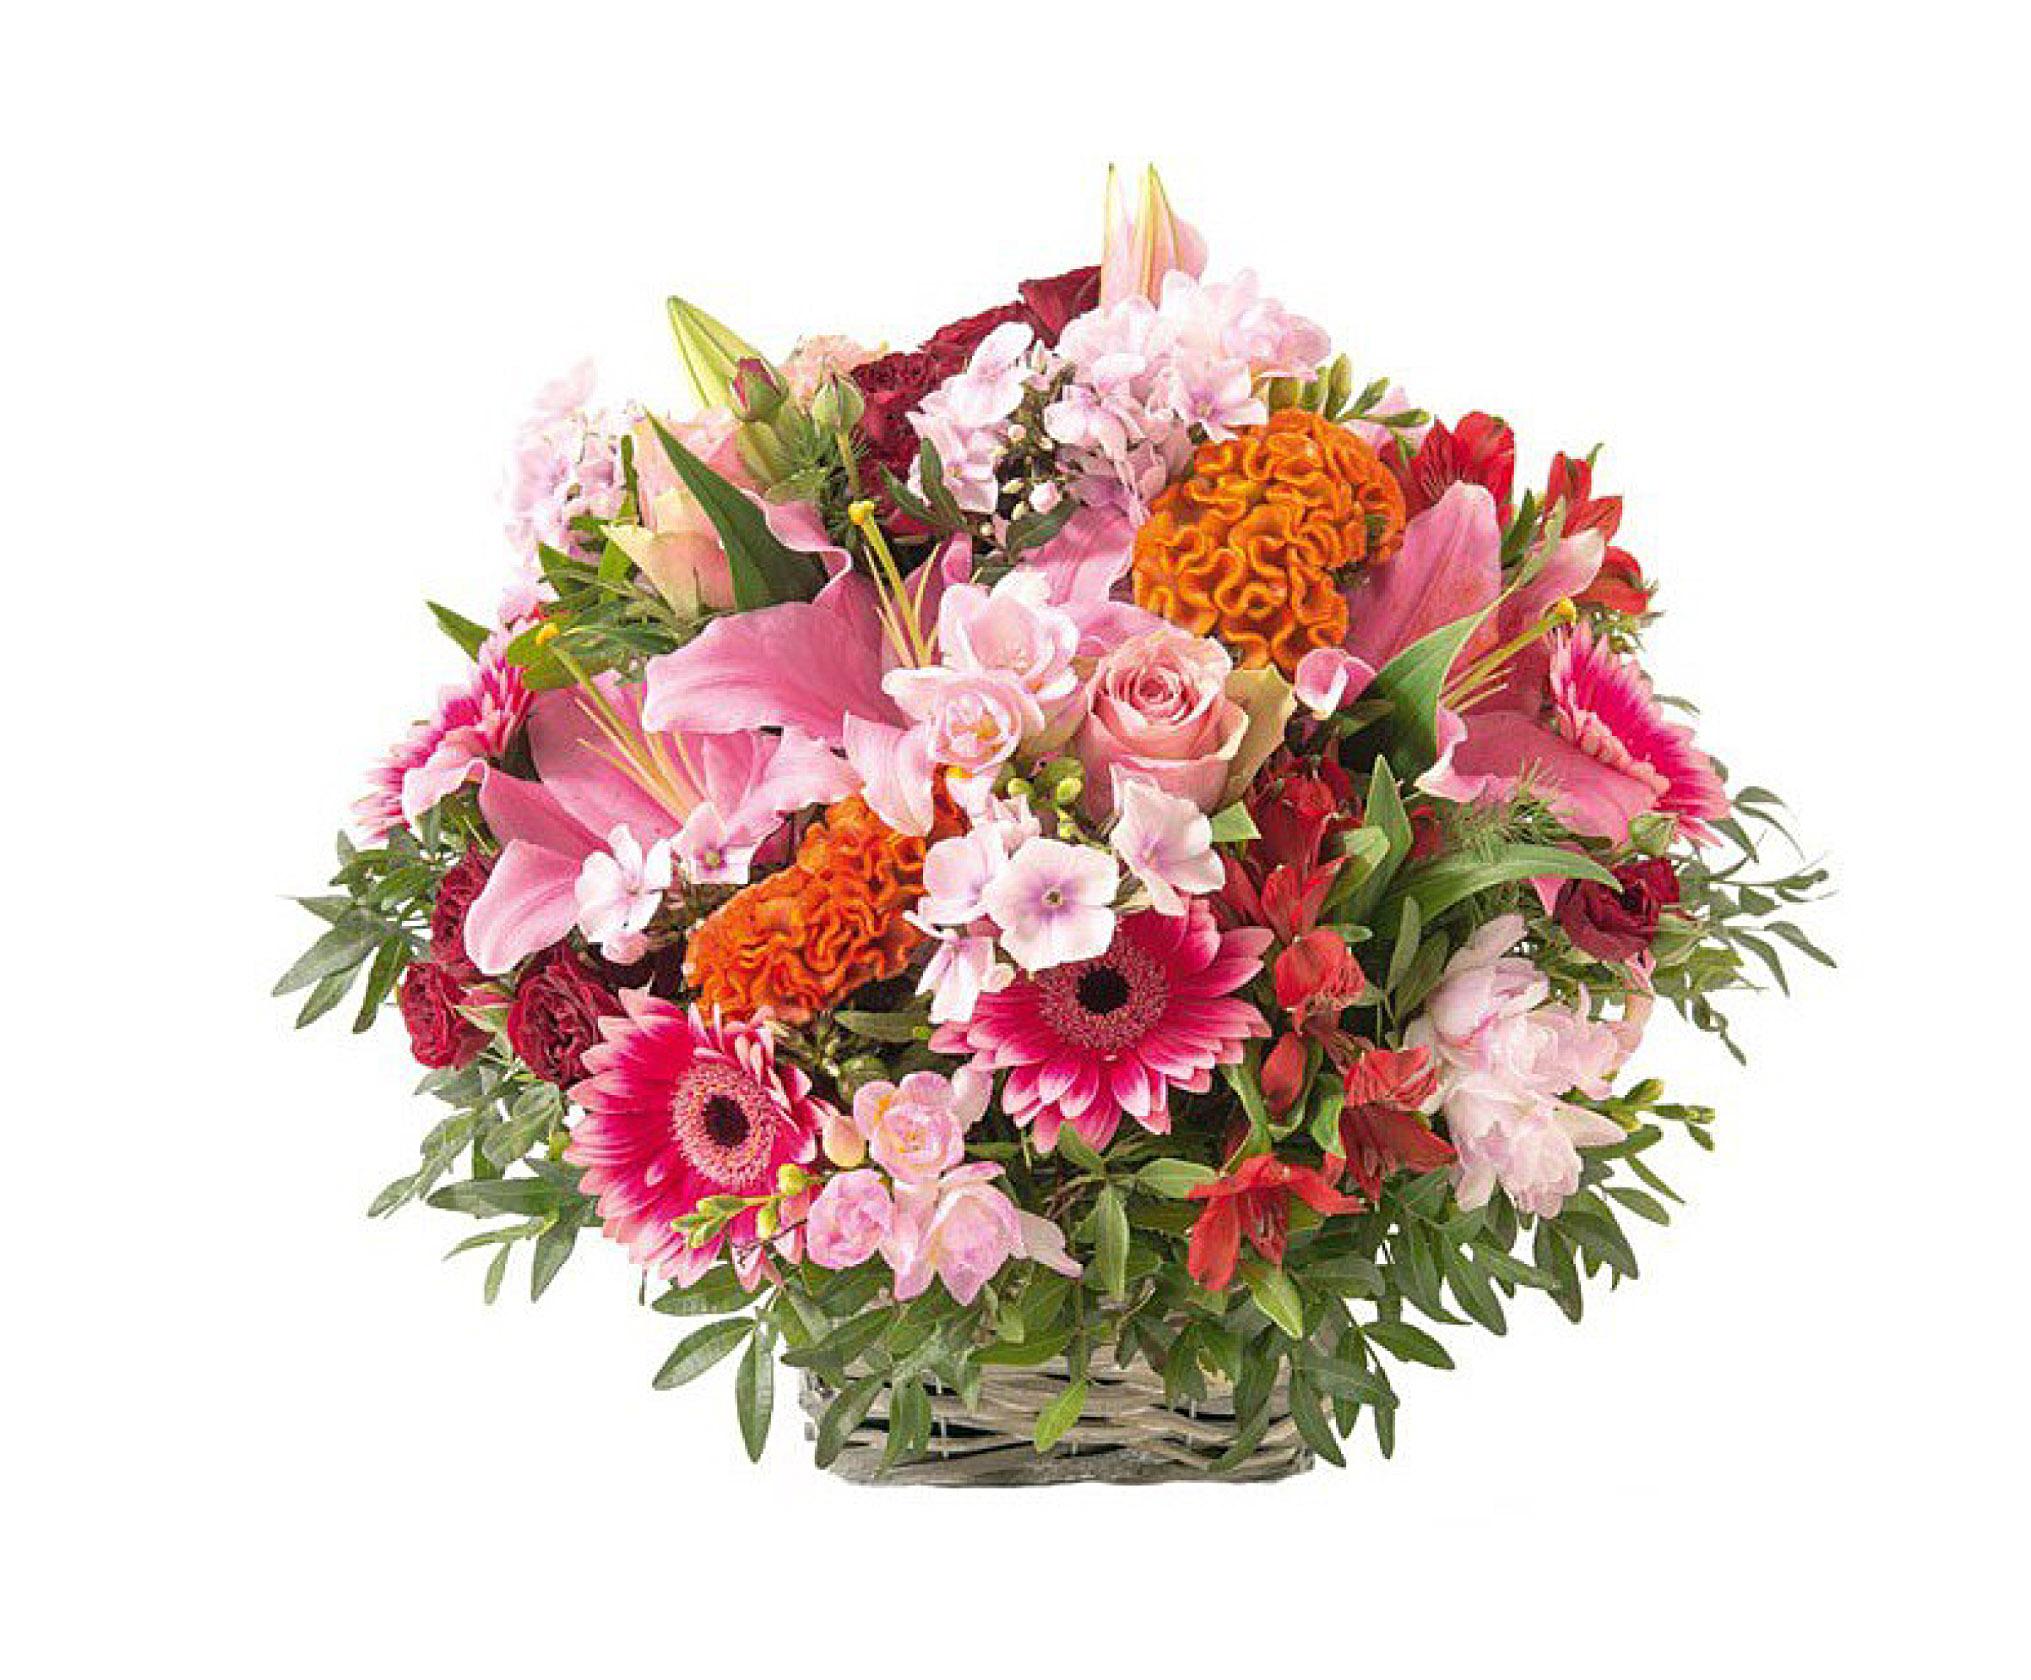 Panier De Fleurs Fraîches : Panier de fleurs espace fun?raire vend?en